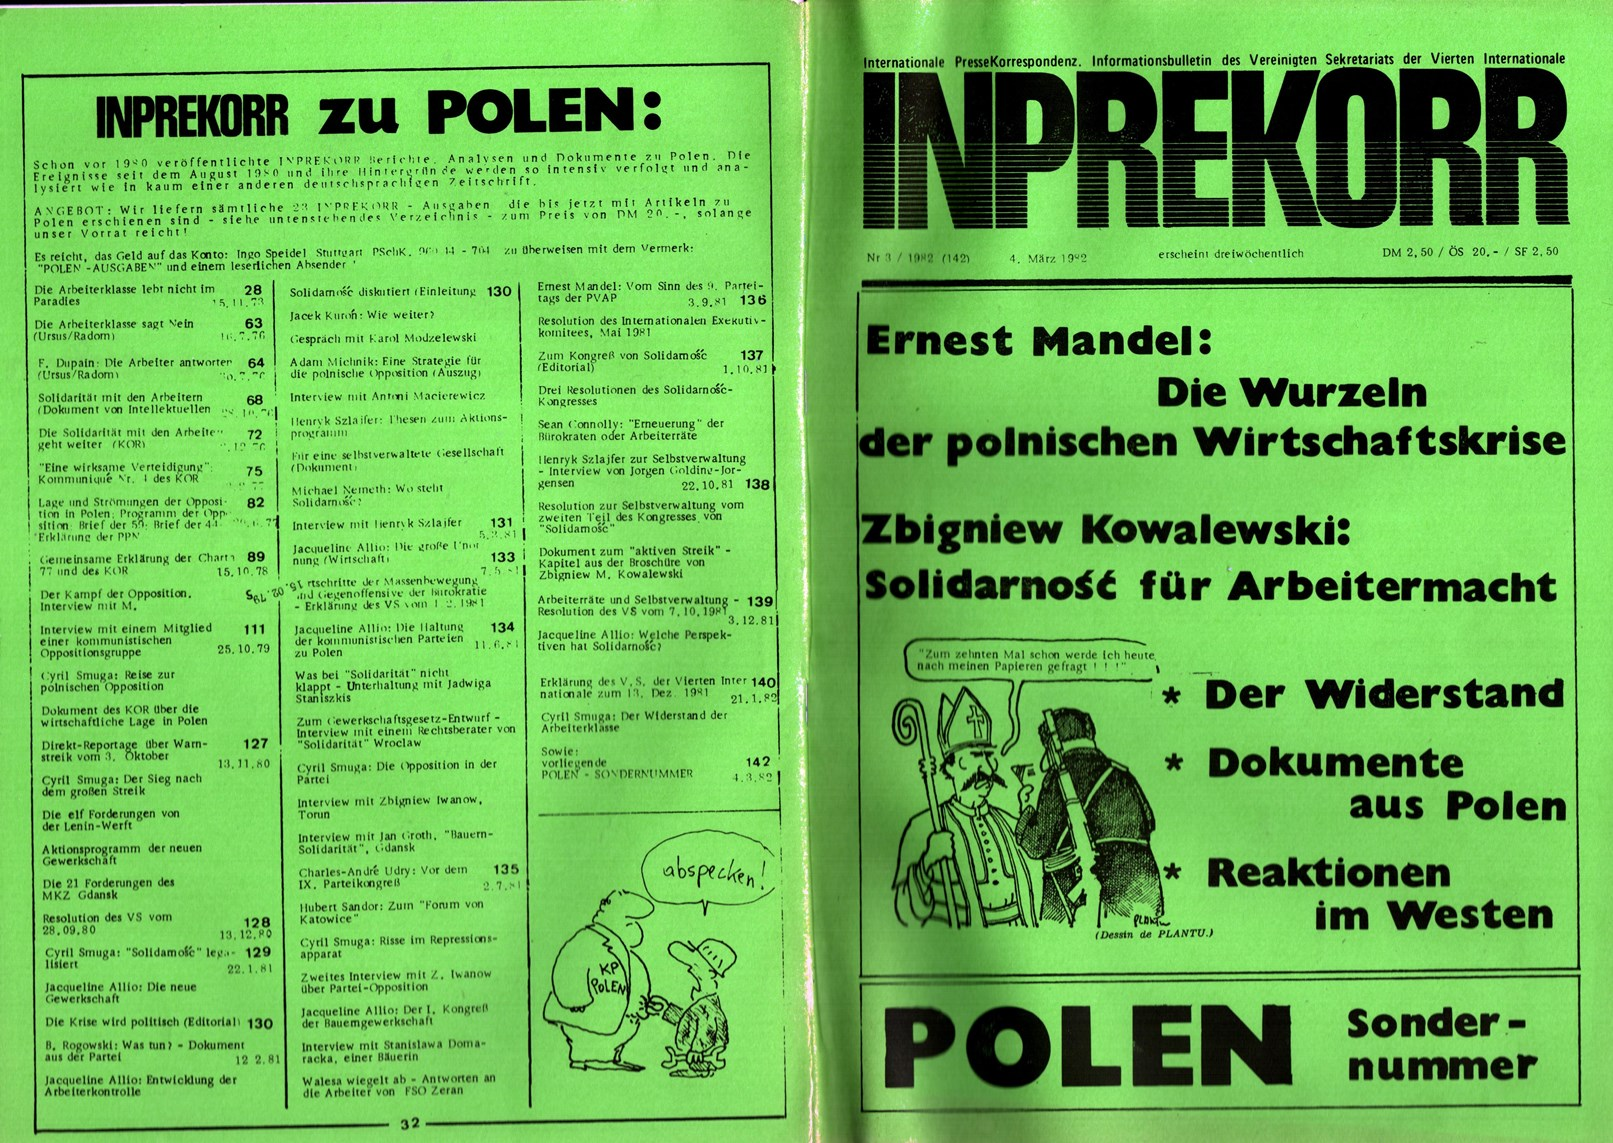 Inprekorr_19820304_142_001